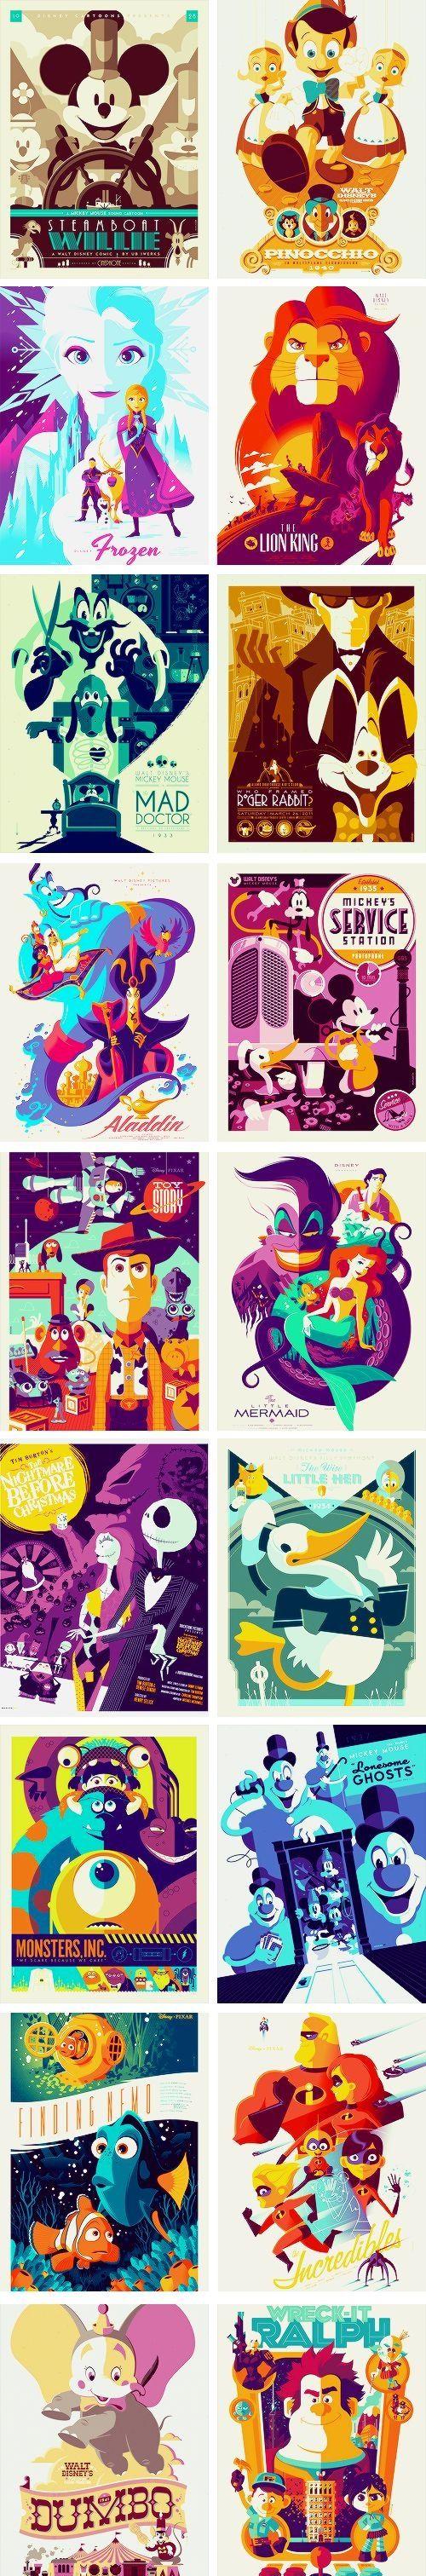 Disney's Posters